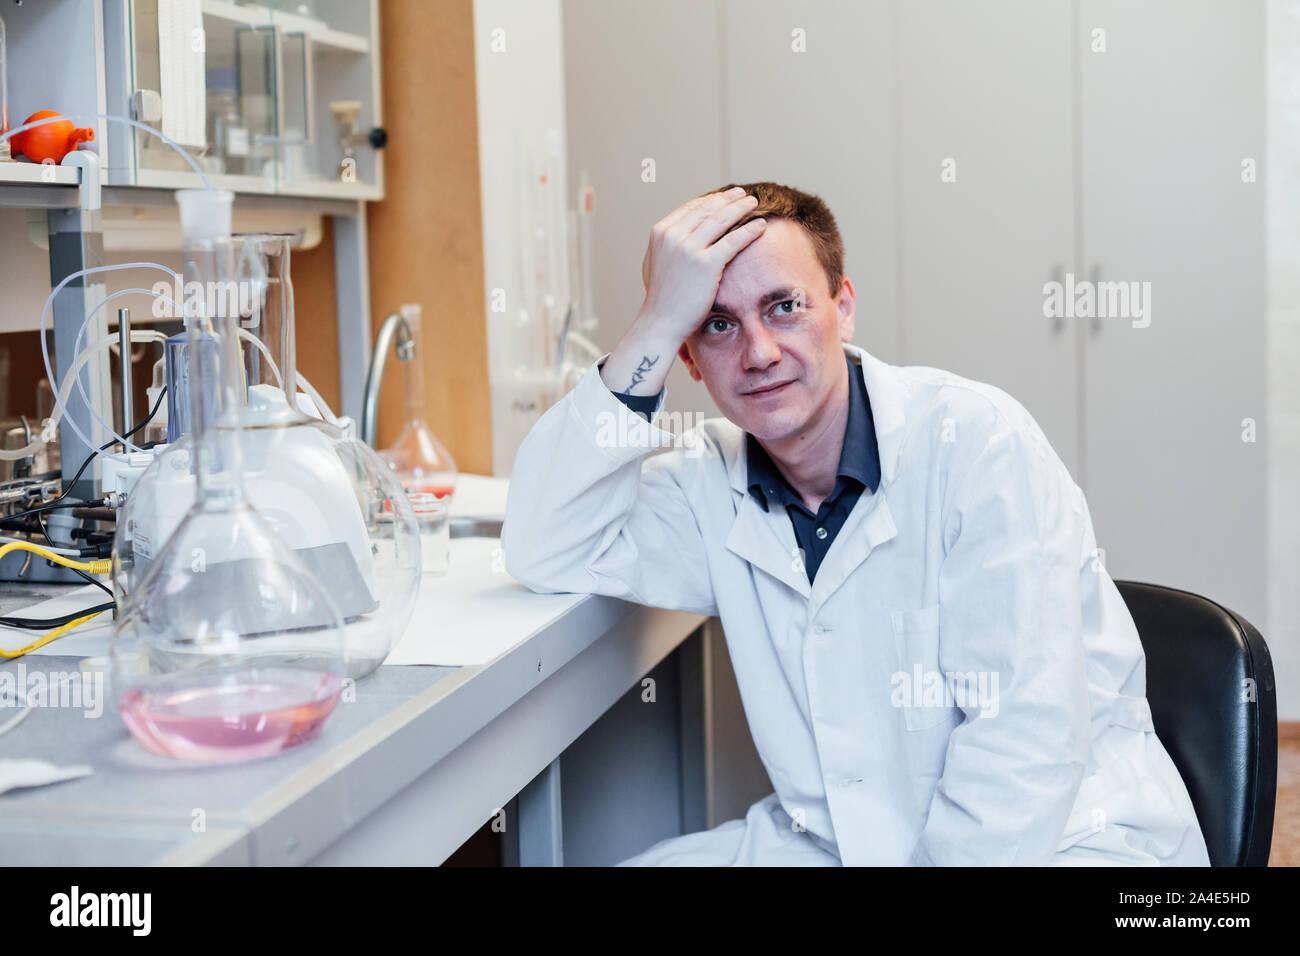 Jeune scientifique dort dans des expériences chimiques de laboratoire Banque D'Images